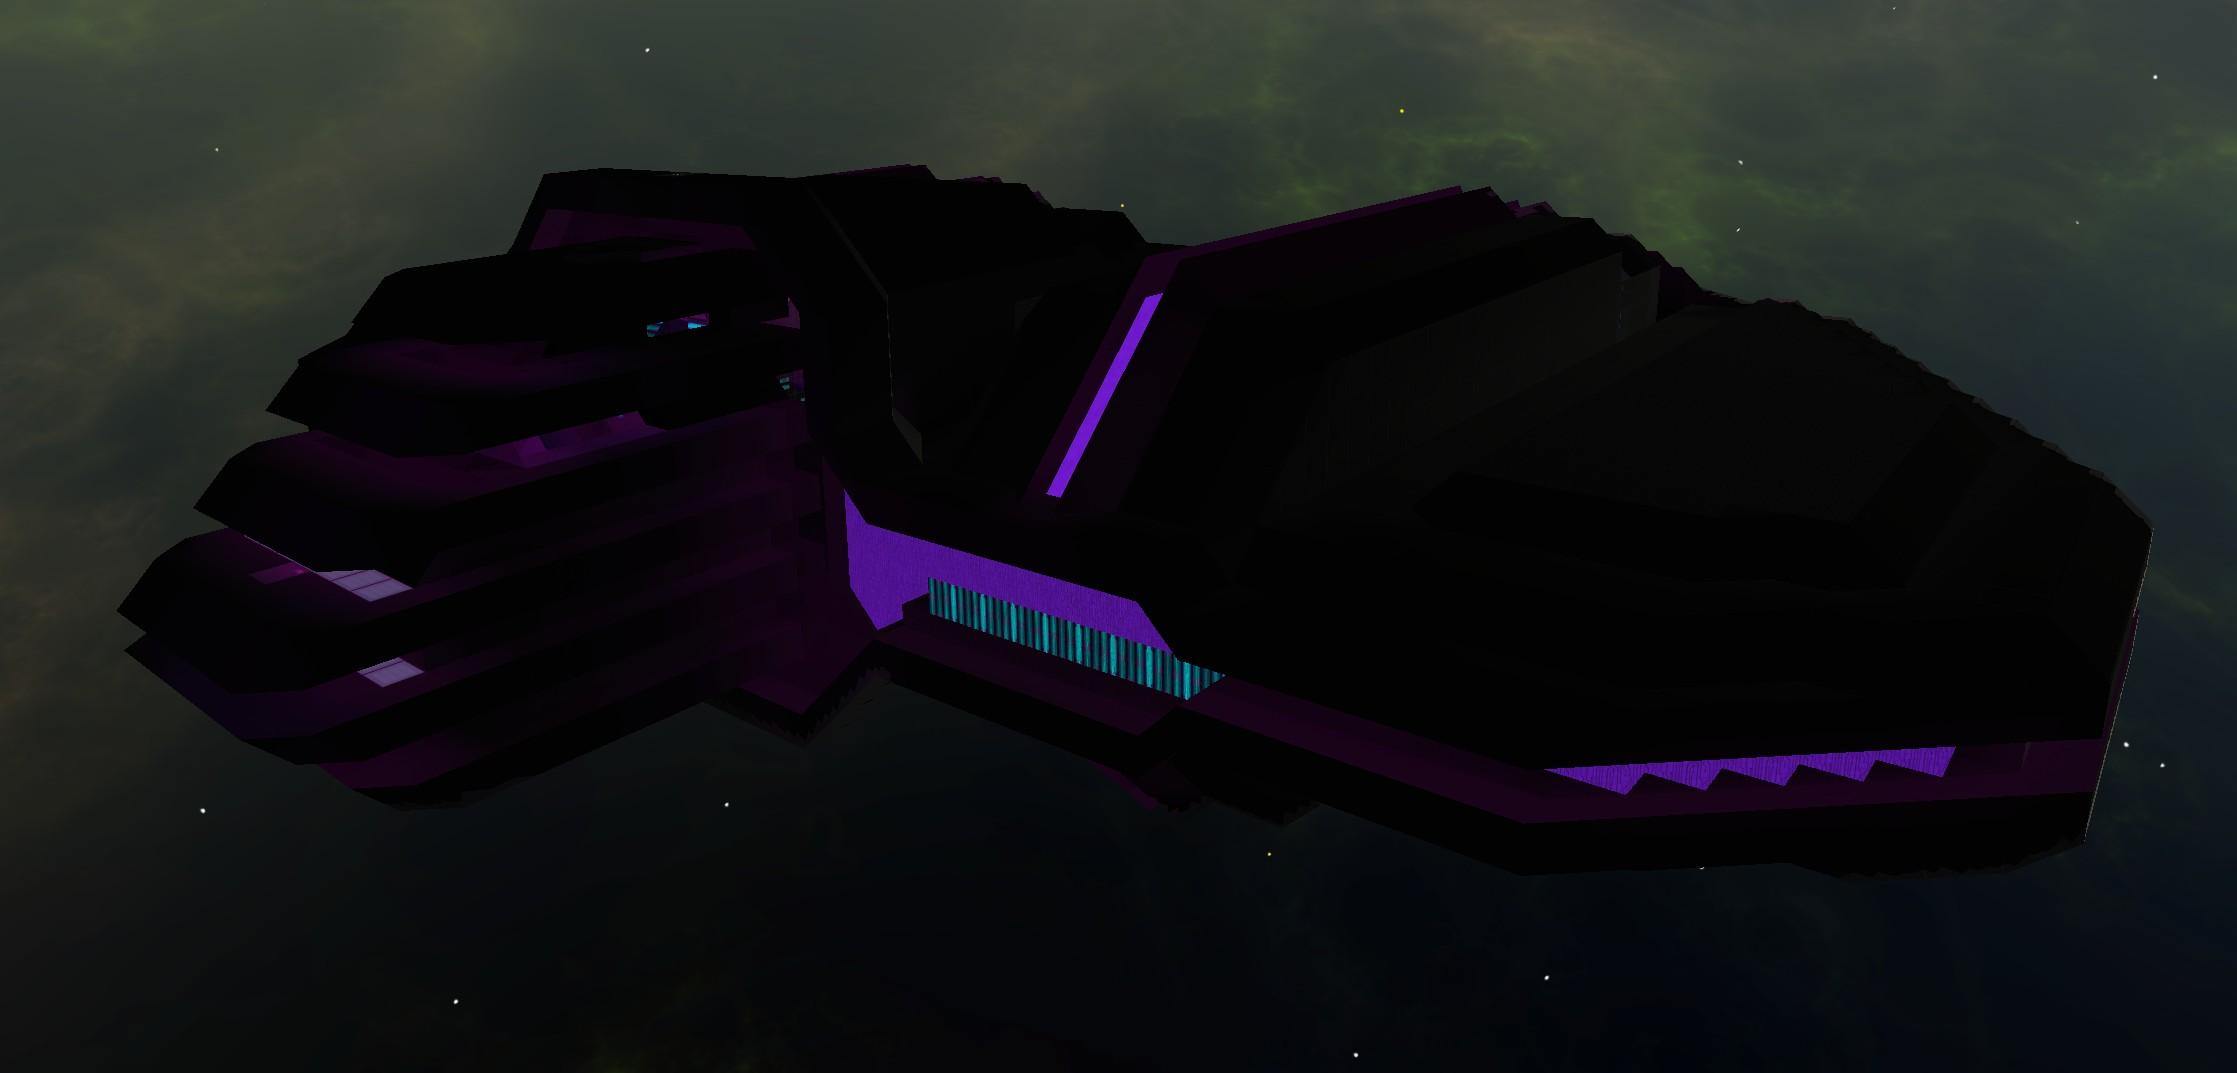 Screenshot 01.jpg